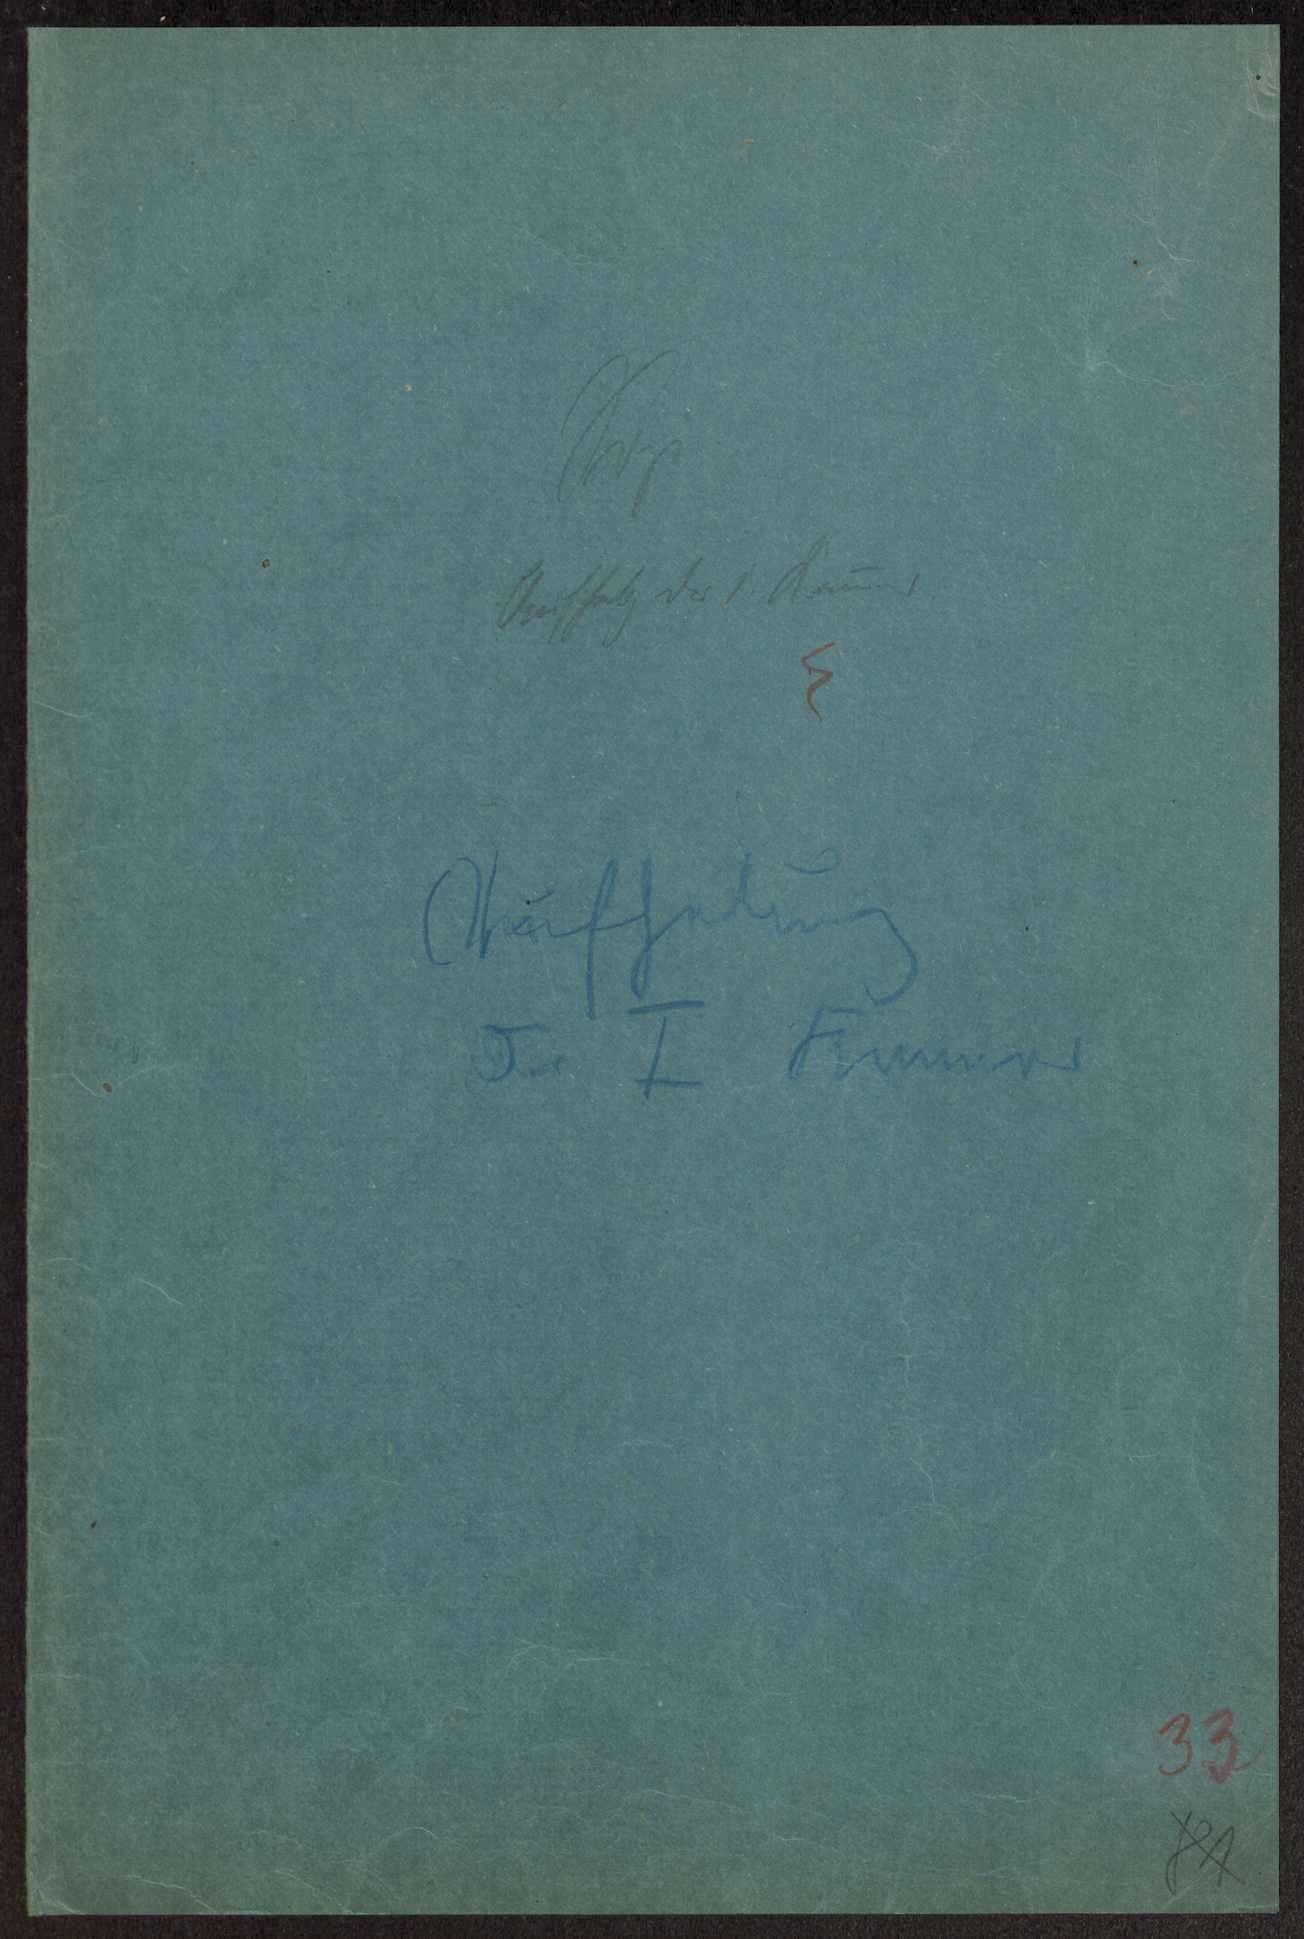 Verfassungsreform: Umbildung der Ersten Kammer Notizen Weizsäcker, Druckschriften und Zeitungsartikel, Bild 1